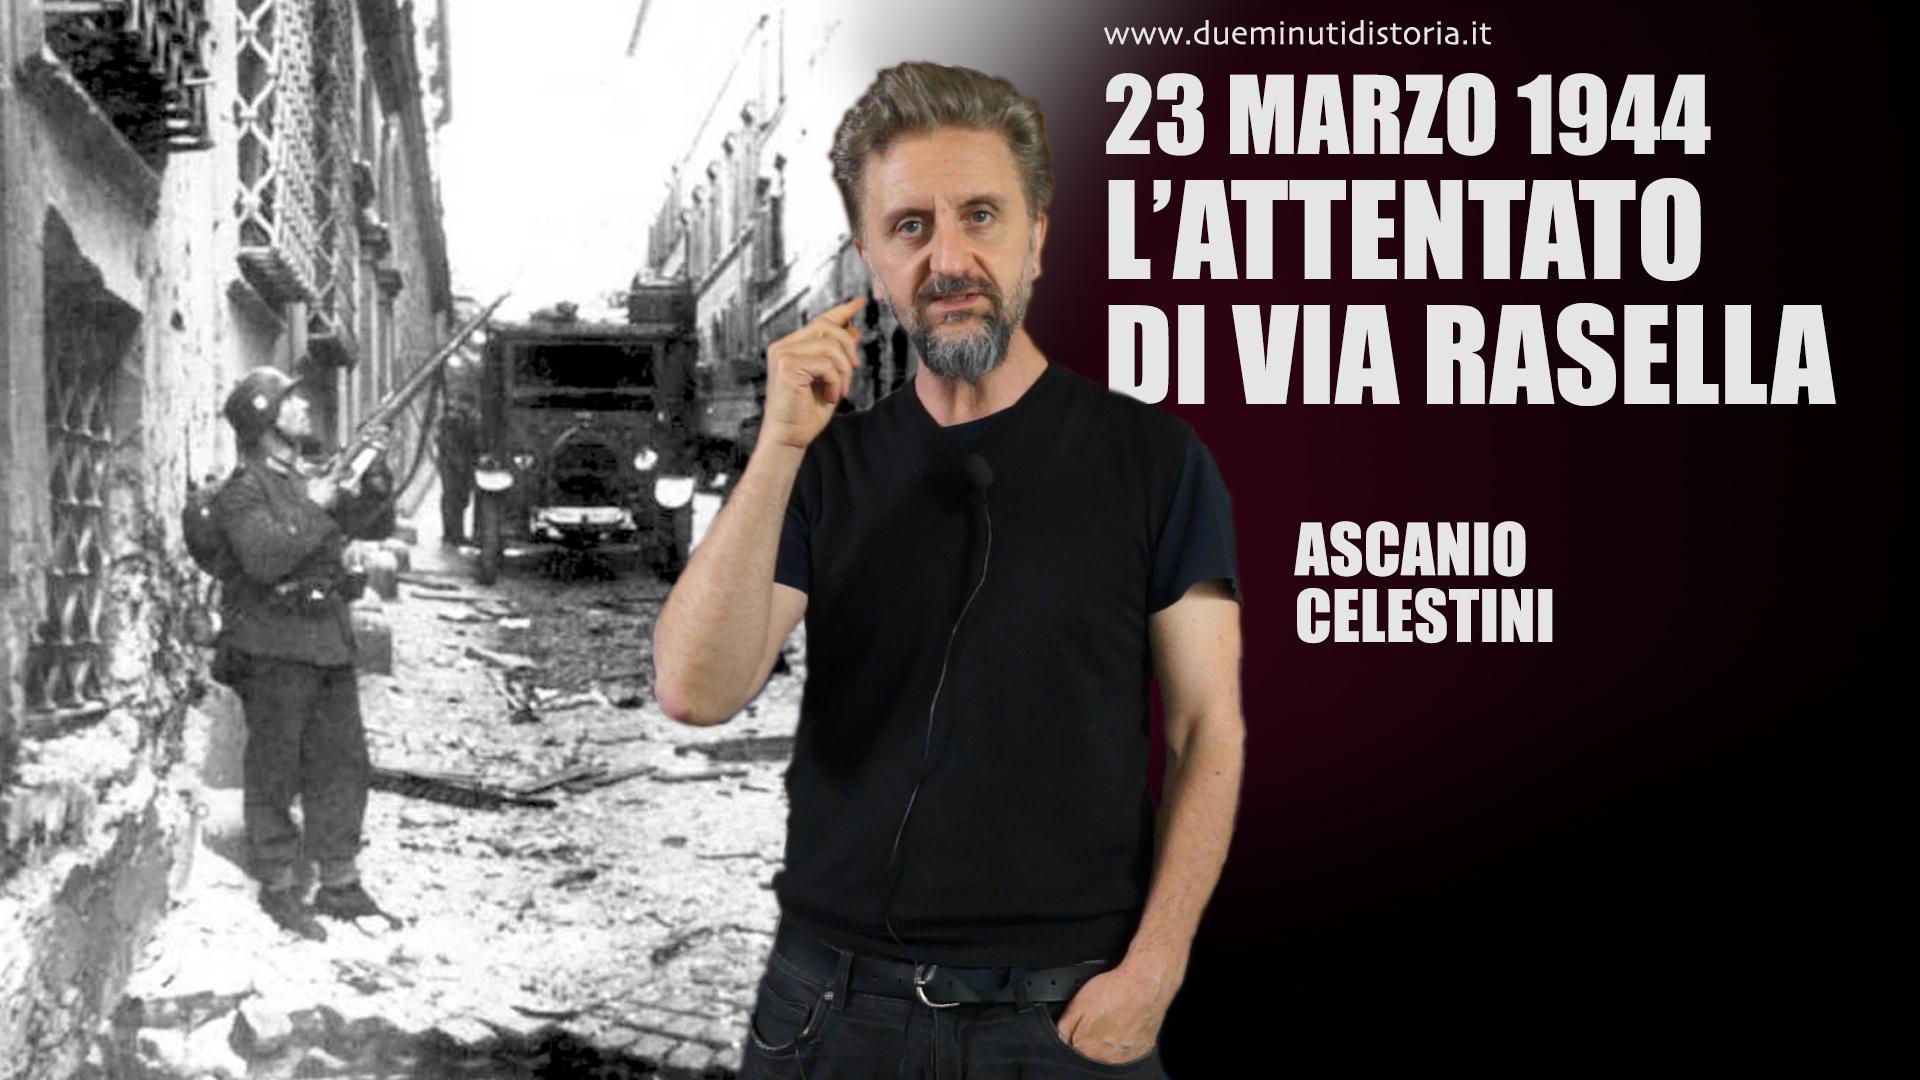 L'attentato di via Rasella